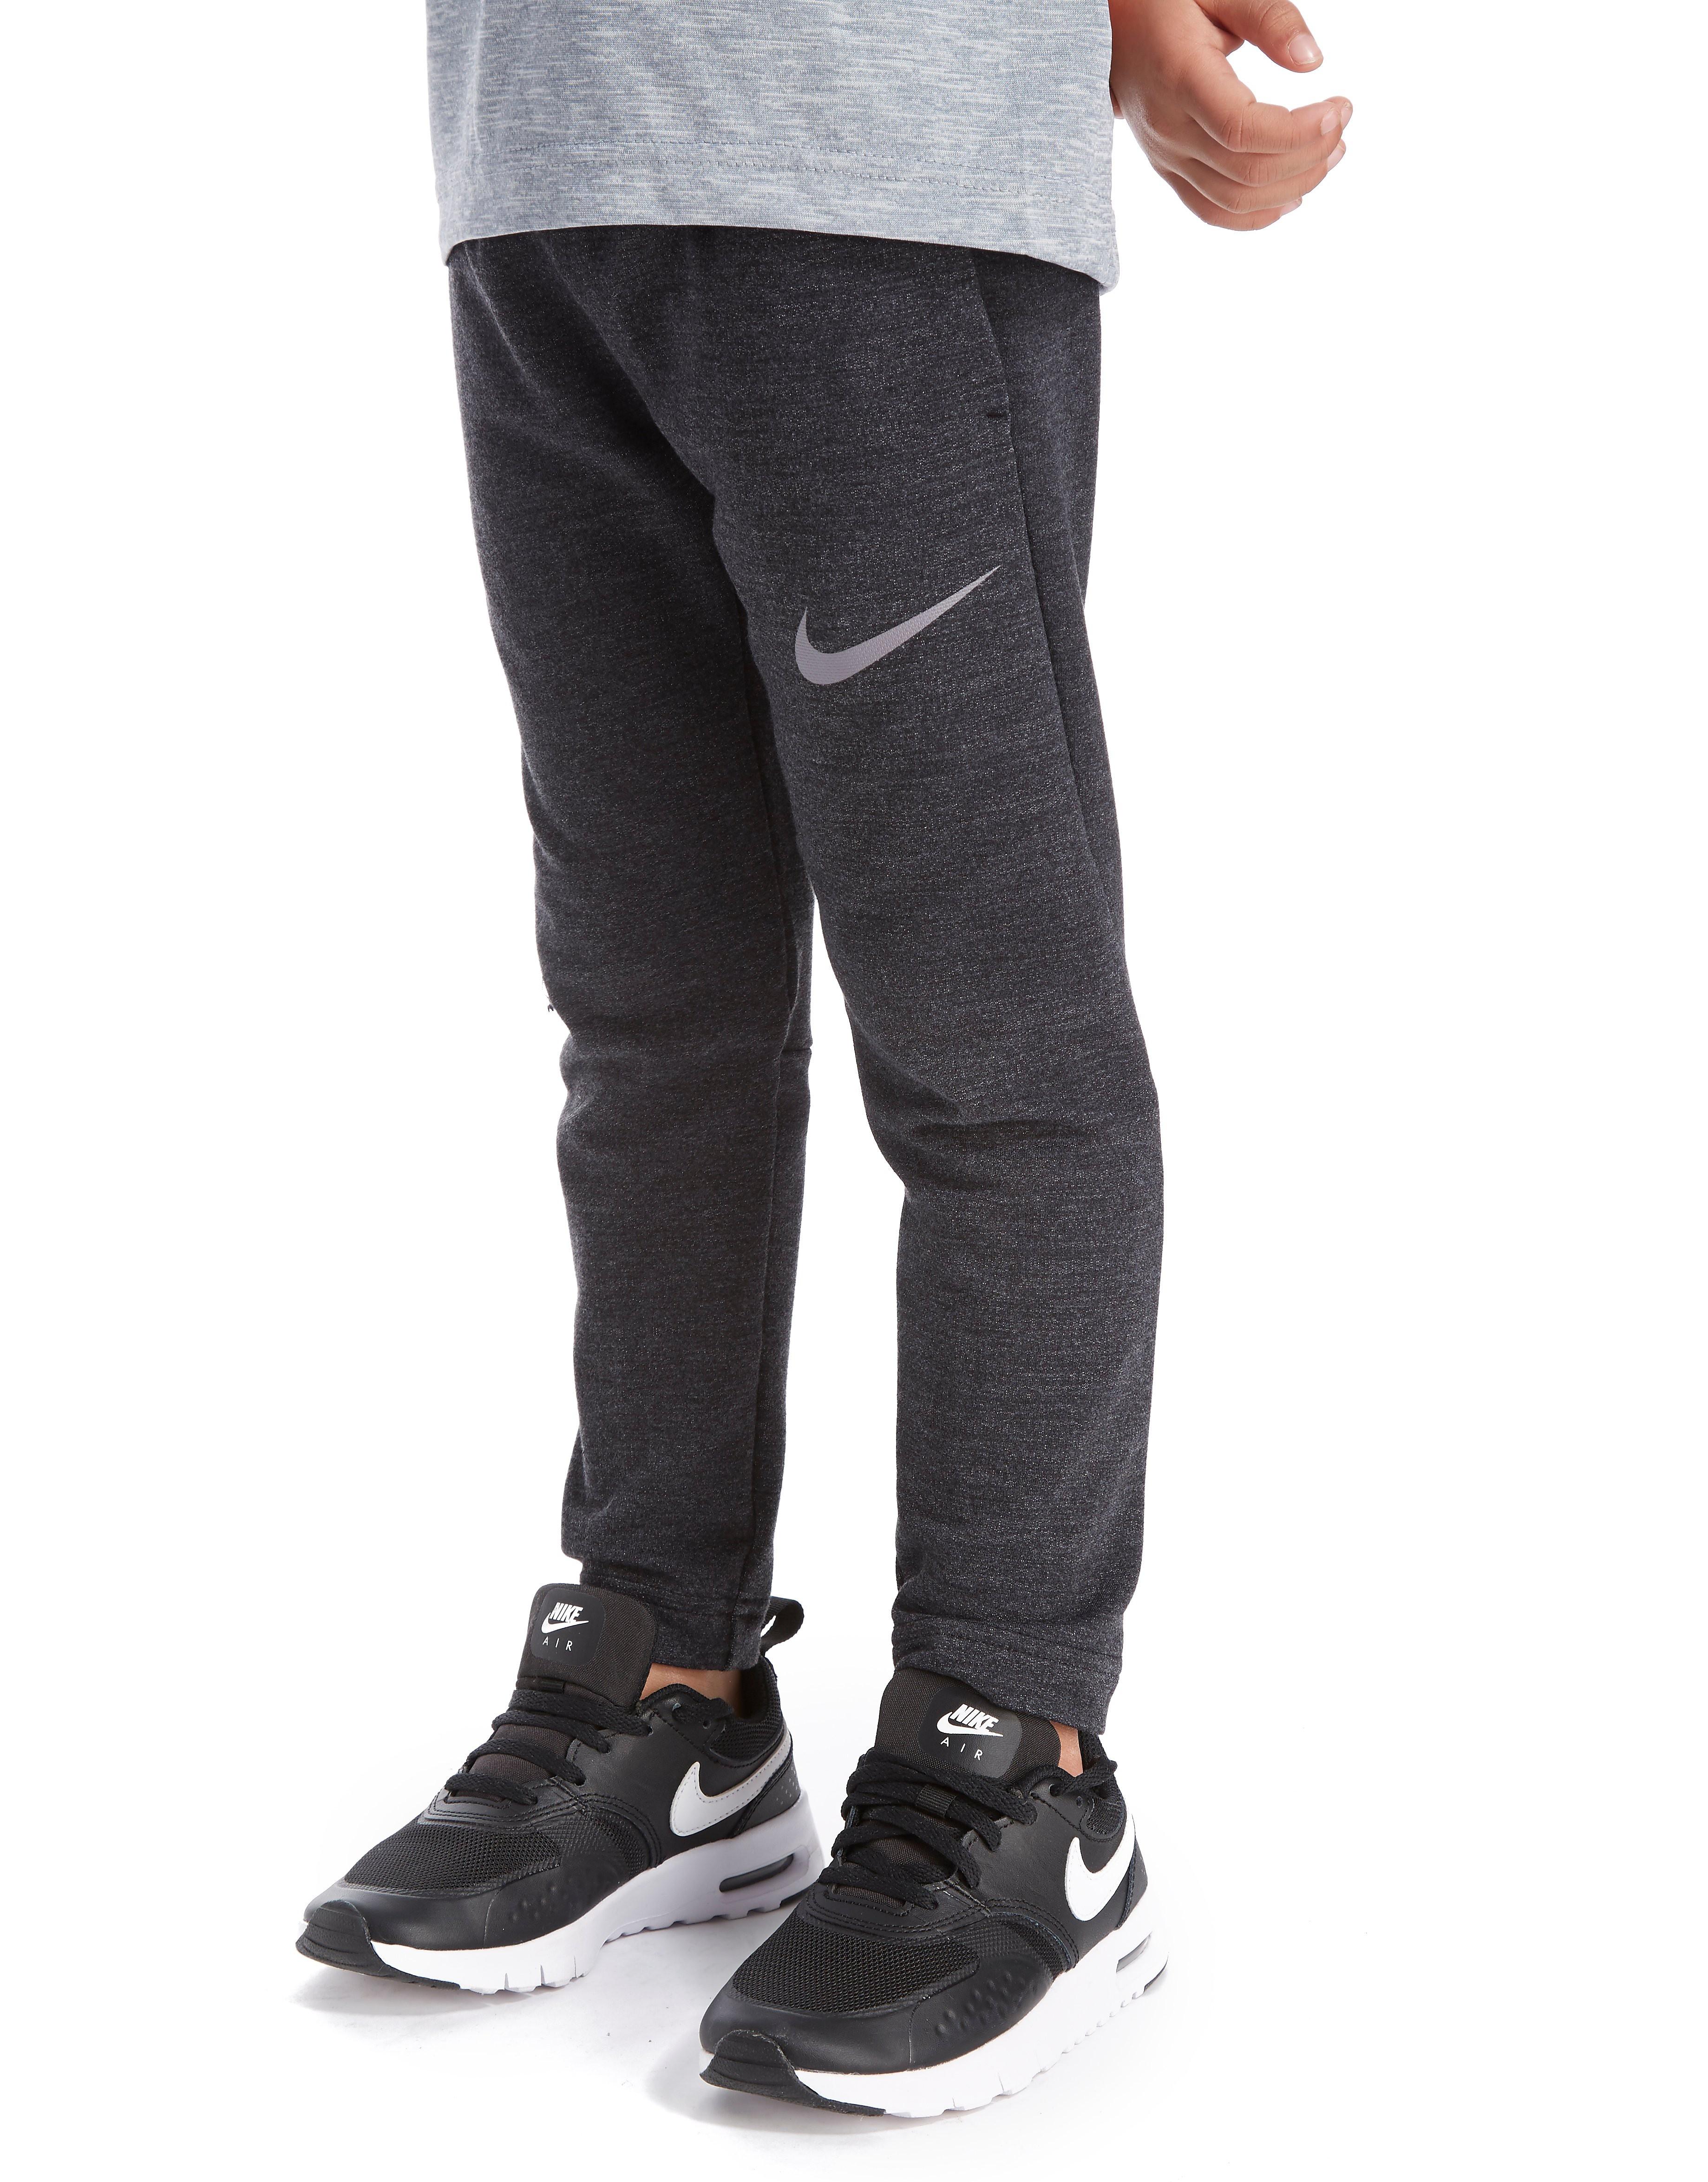 Nike Dri-FIT Pantaloni Bambino